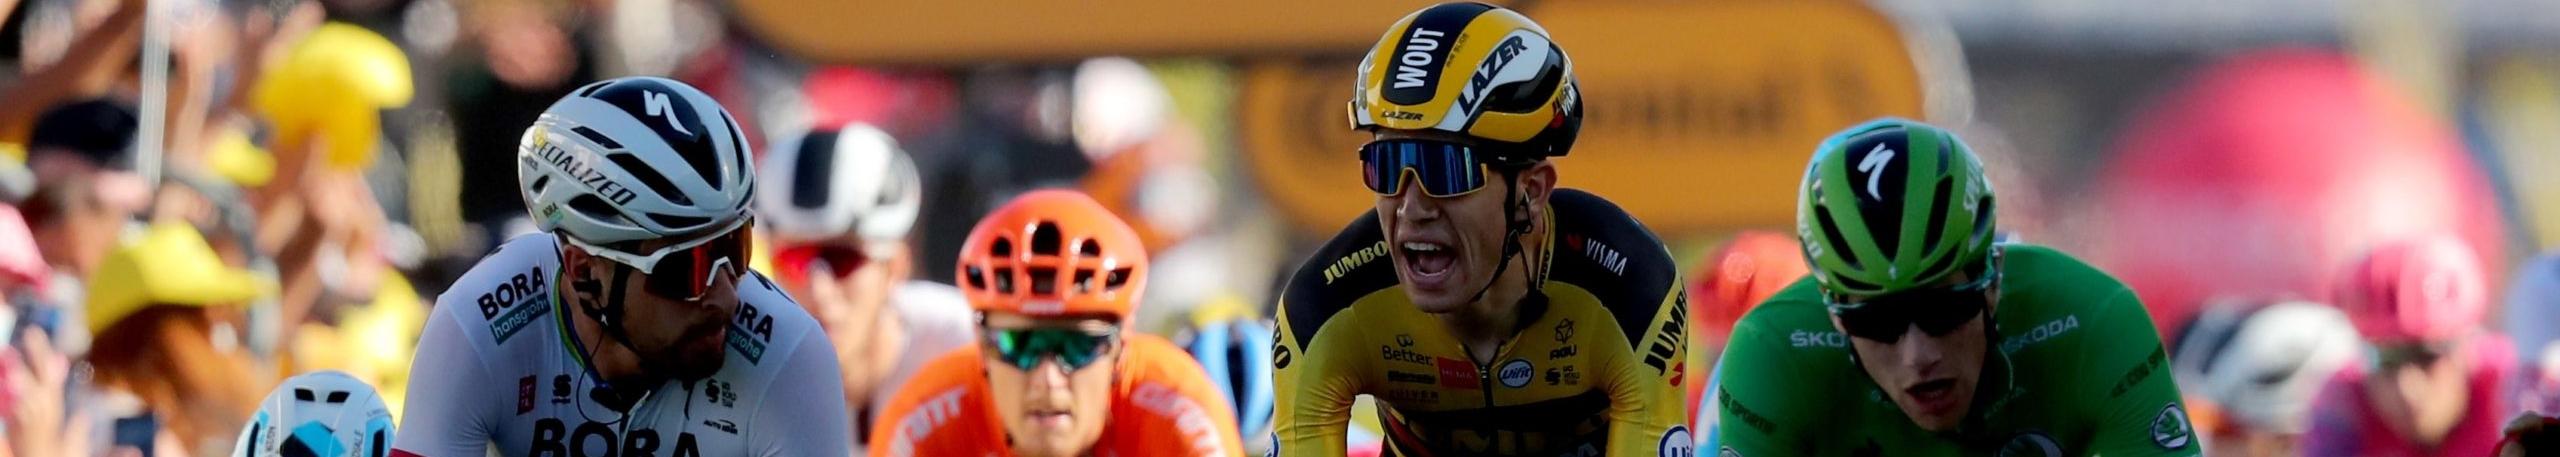 Tour de France 2020, quote e favoriti per la tappa 14: occasione per Sagan?